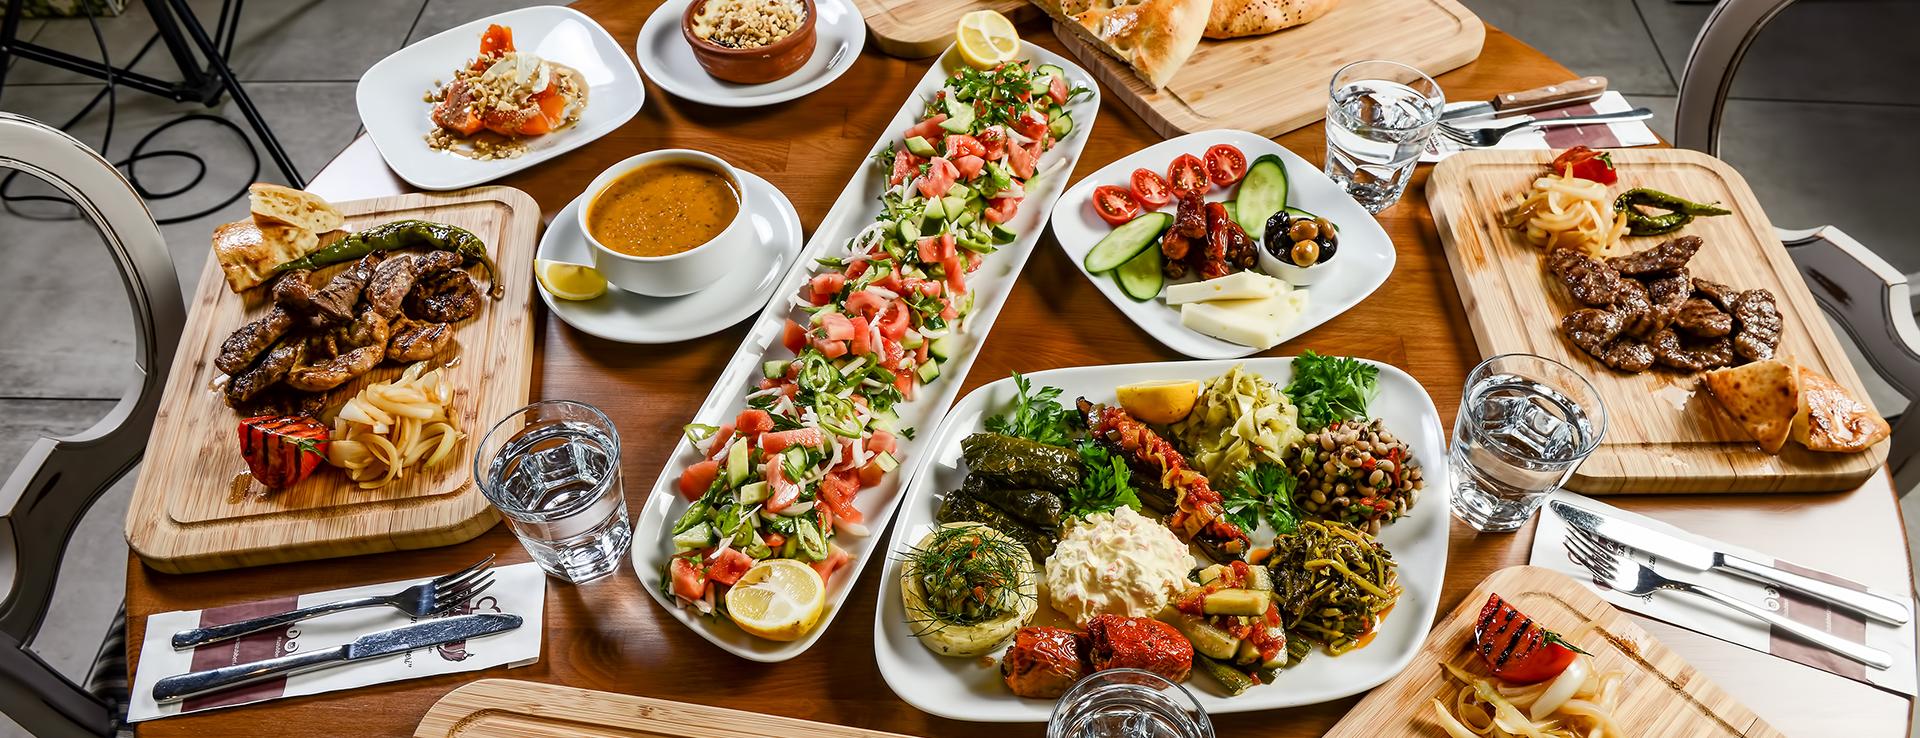 Afbeeldingsresultaat voor turkish food